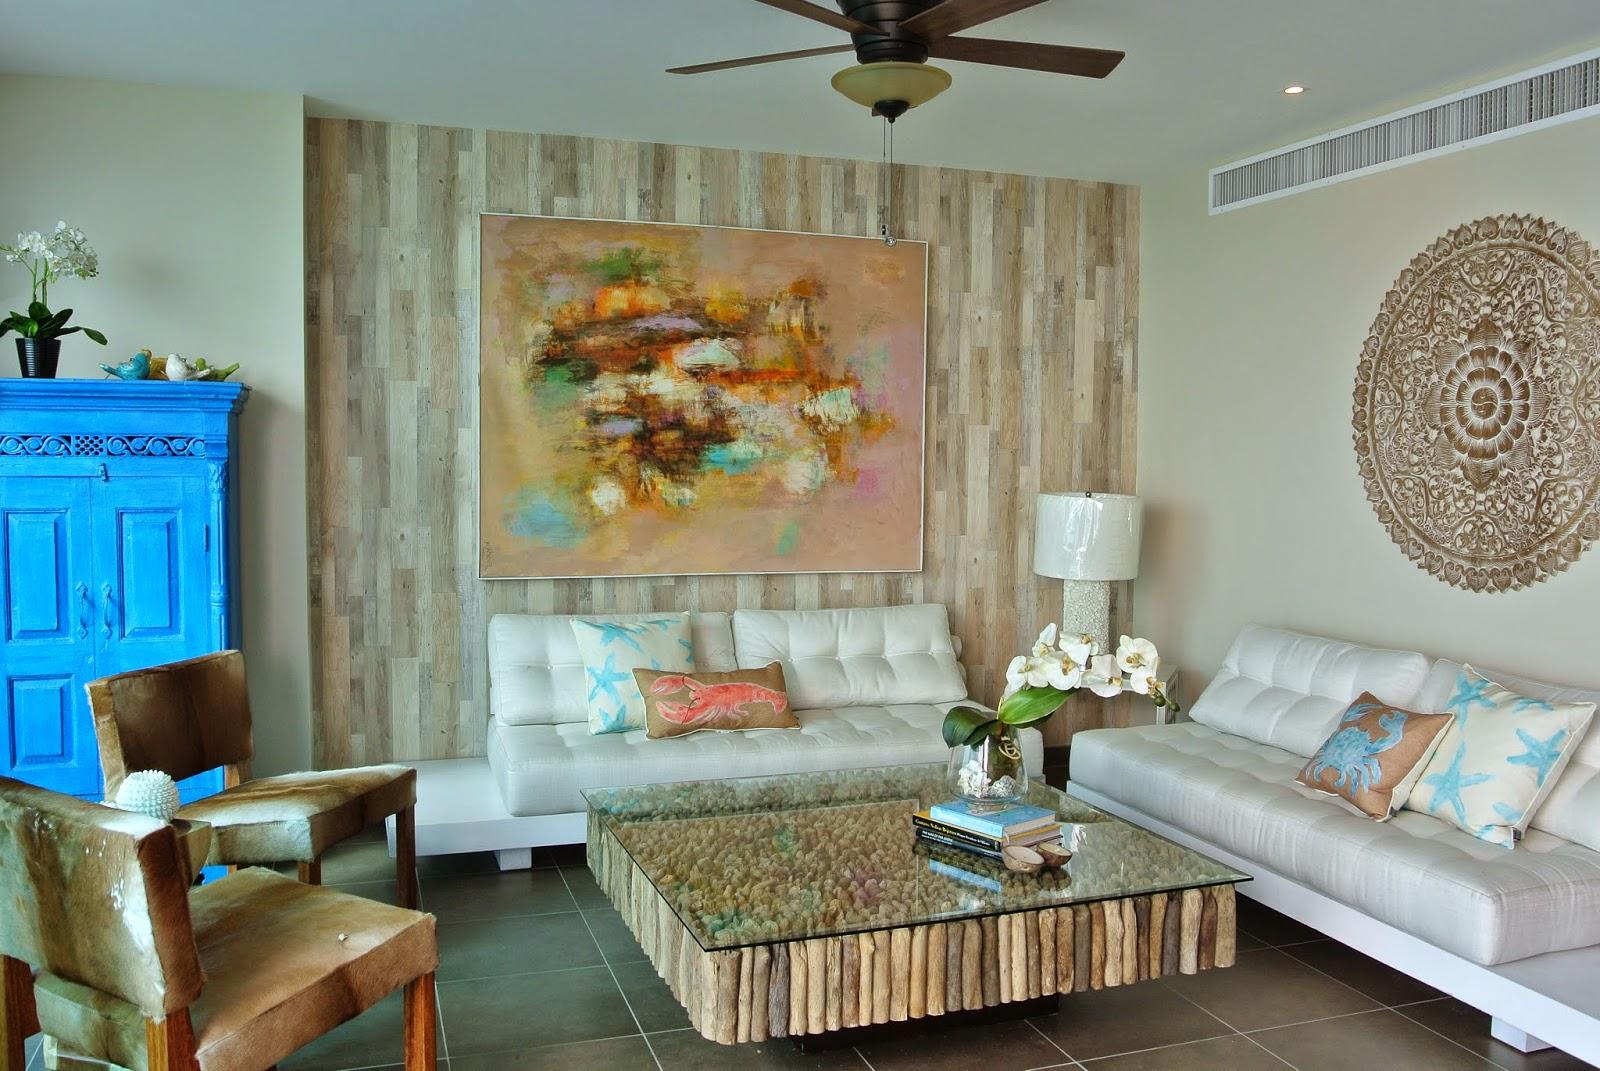 Decoraci n playera r stica ideal para el verano casa y - Decoracion apartamentos de playa ...